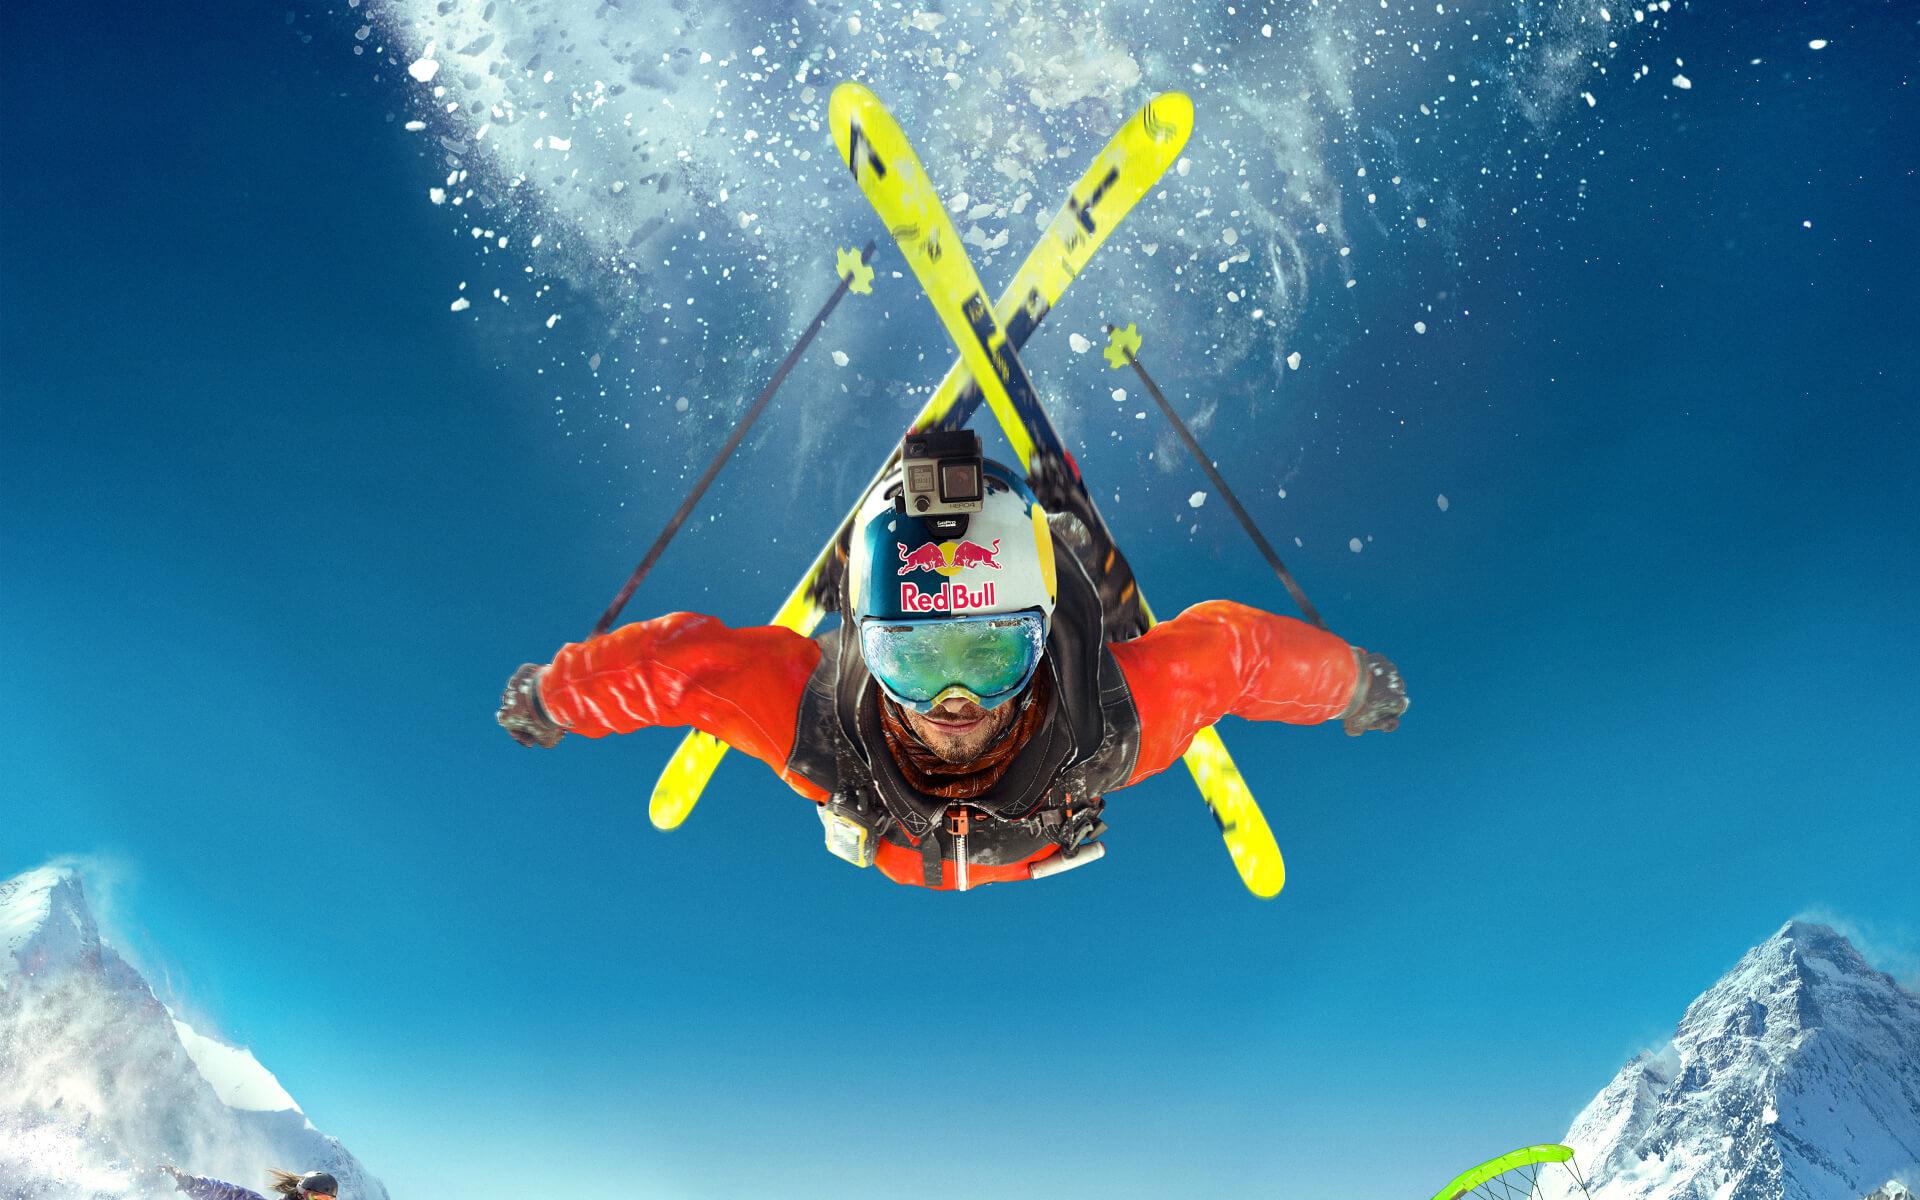 Steep: хочешь покататься на сноуборде в Альпах в костюме единорога?